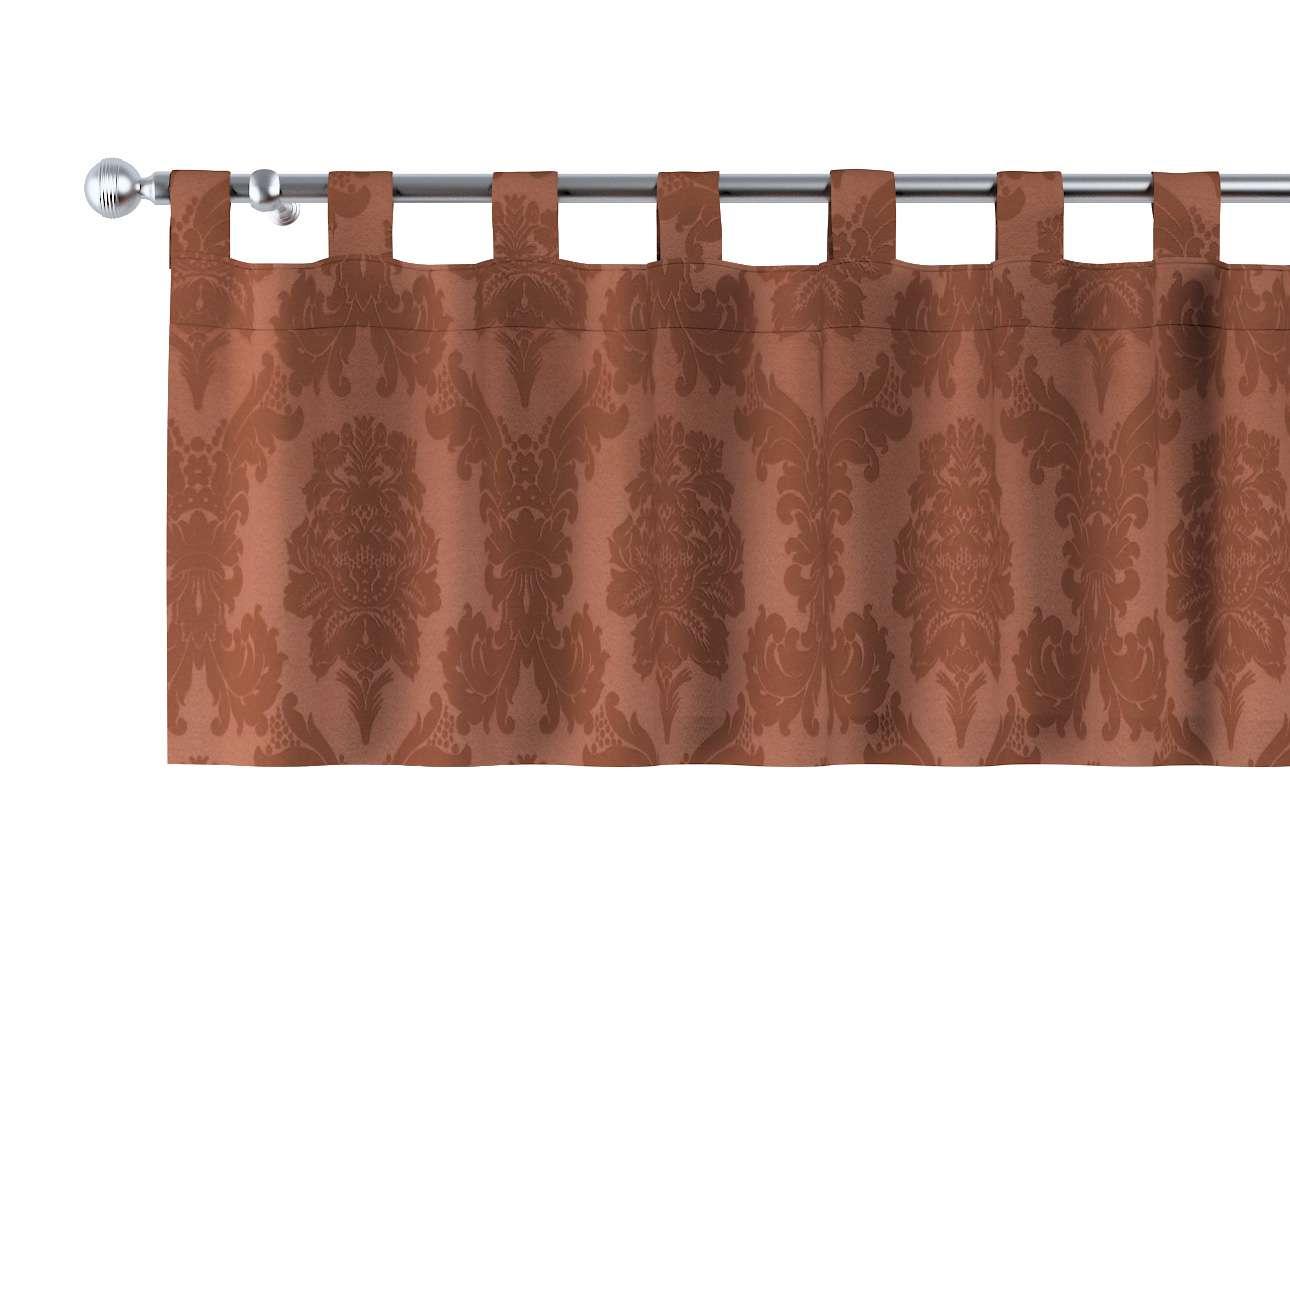 Gardinkappe med stropper 130 × 40 cm fra kollektionen Damasco, Stof: 613-88